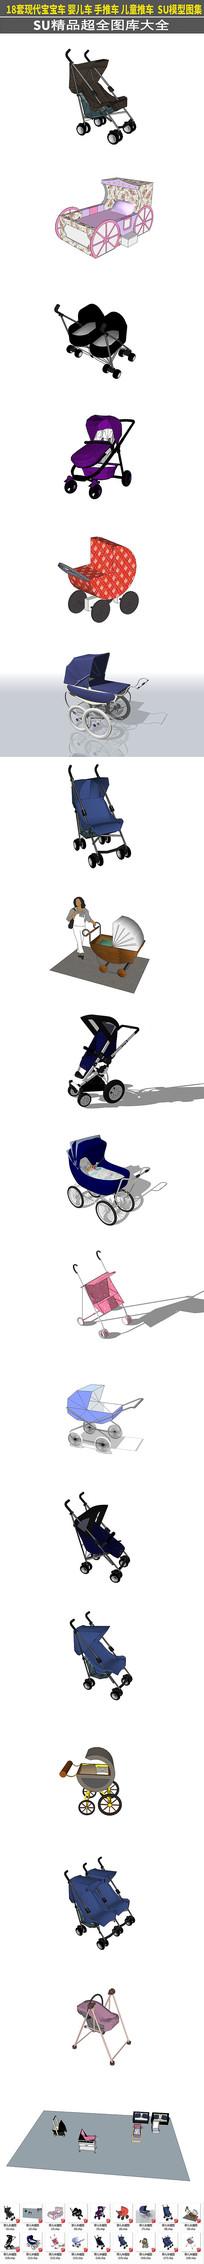 18套现代时尚婴儿车模型